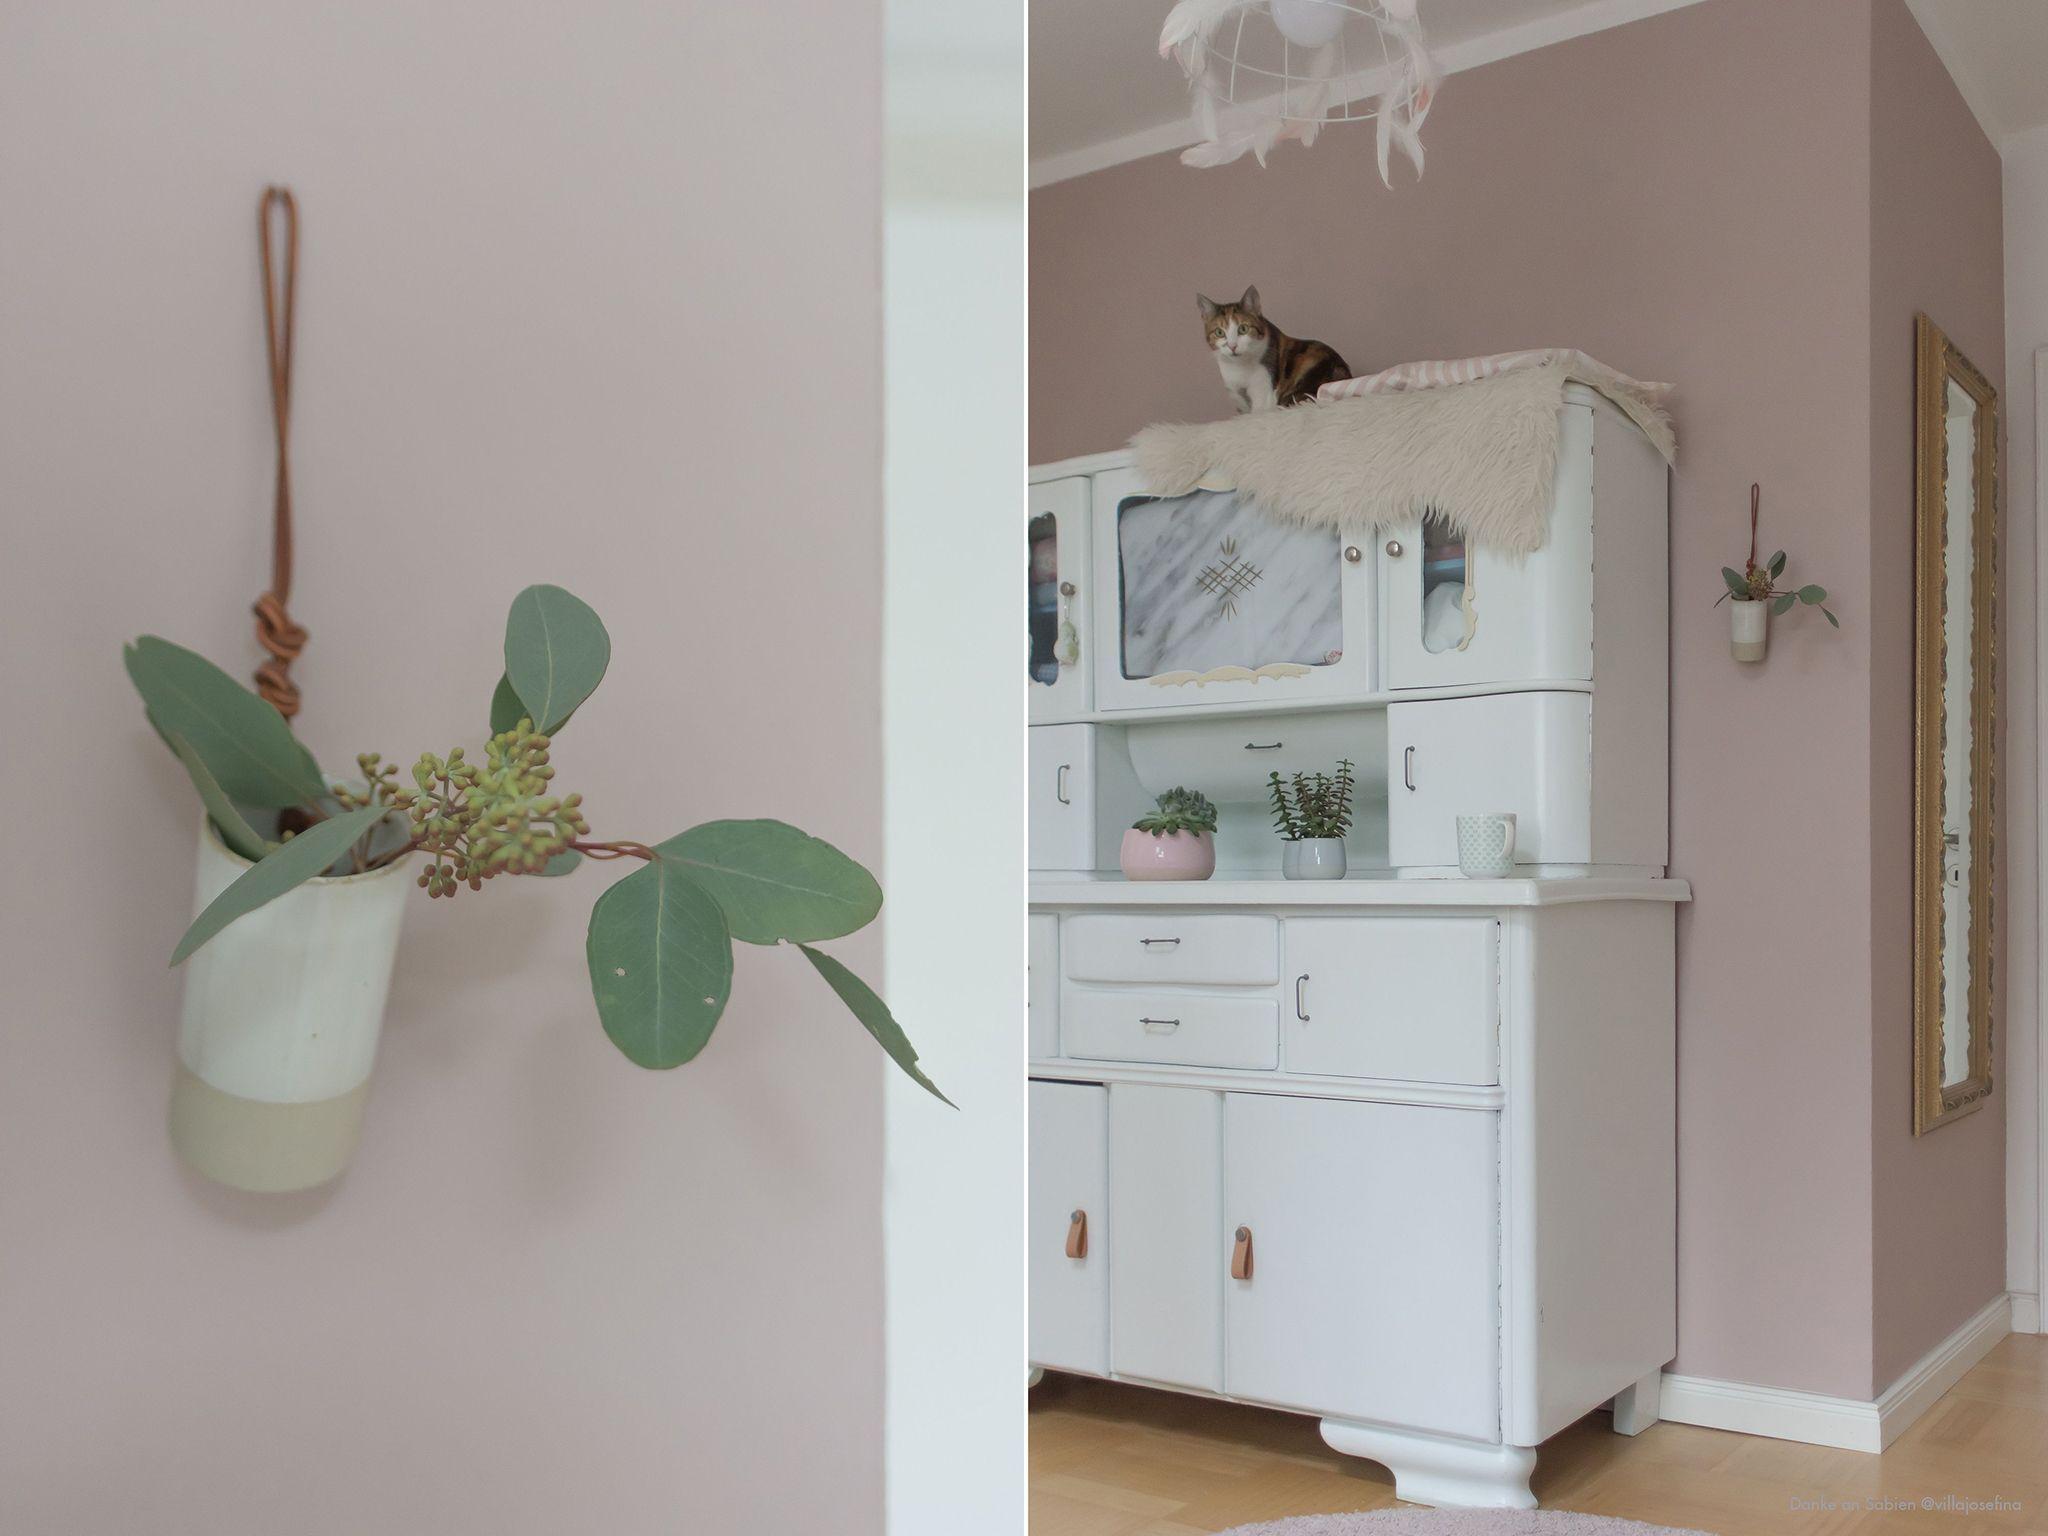 Full Size of Wandfarbe Rosa Wandfarben In Altrosa Von Kolorat Farben Online Bestellen Küche Wohnzimmer Wandfarbe Rosa